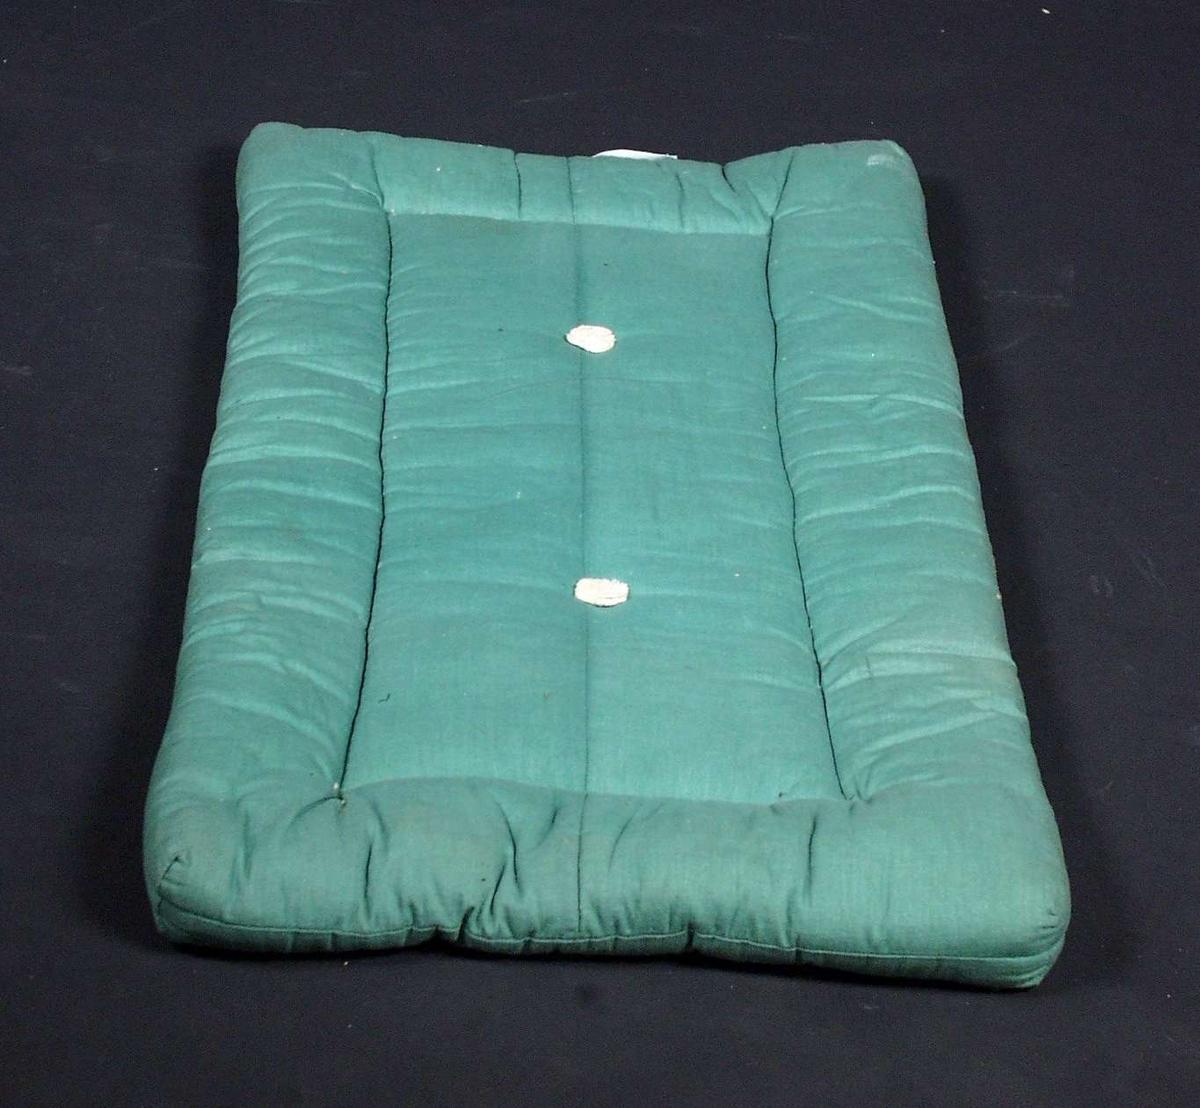 Grønn barnevogn med tilhørende dyne og madrass. Barnevogna har kalesje og skjerm i plastmateriale. Kalesjen er av stoff og har blitt noe slitt.